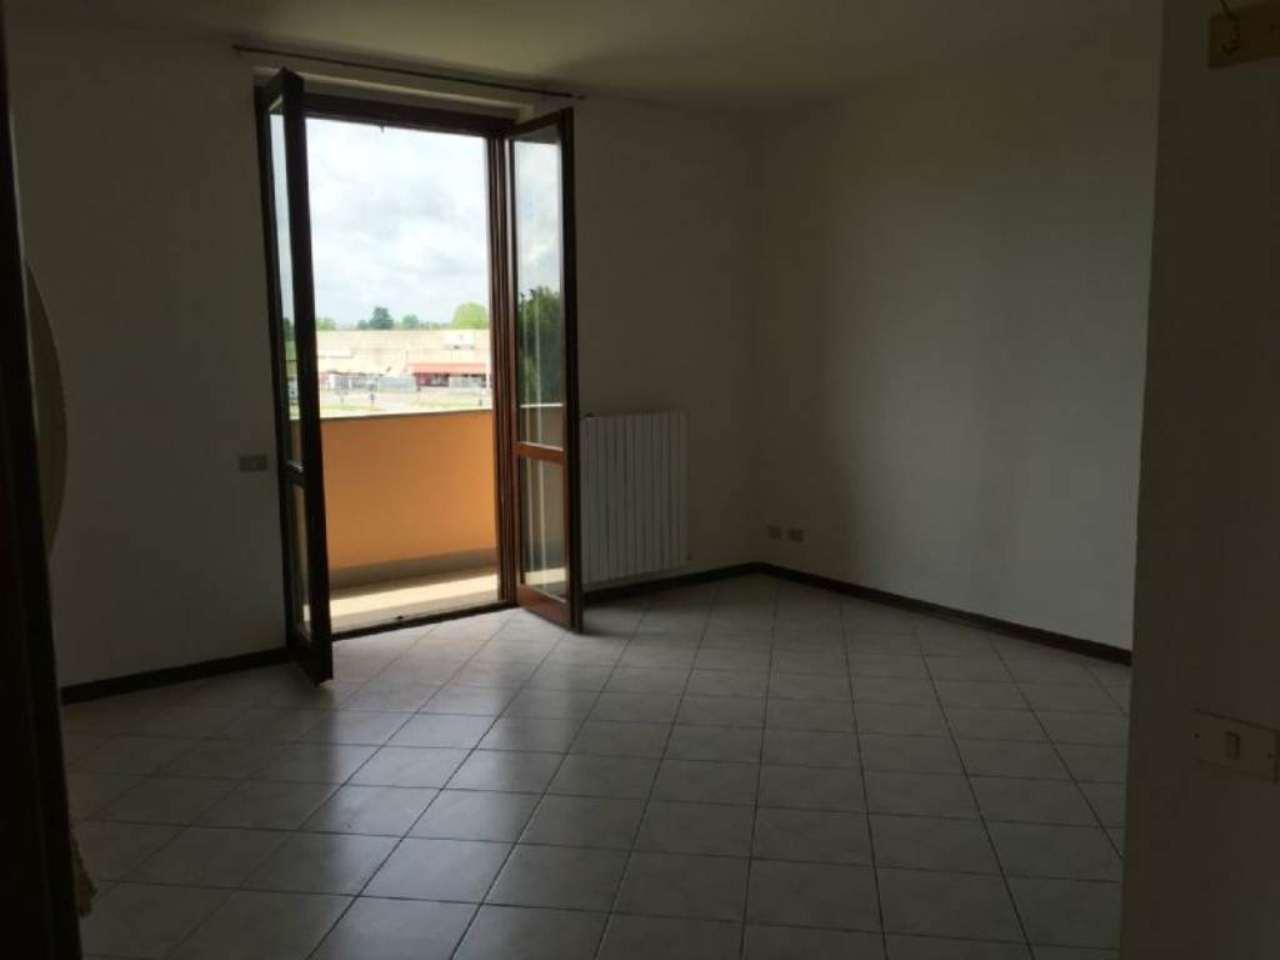 Bilocale San Martino in Strada Via Agnelli 27 2